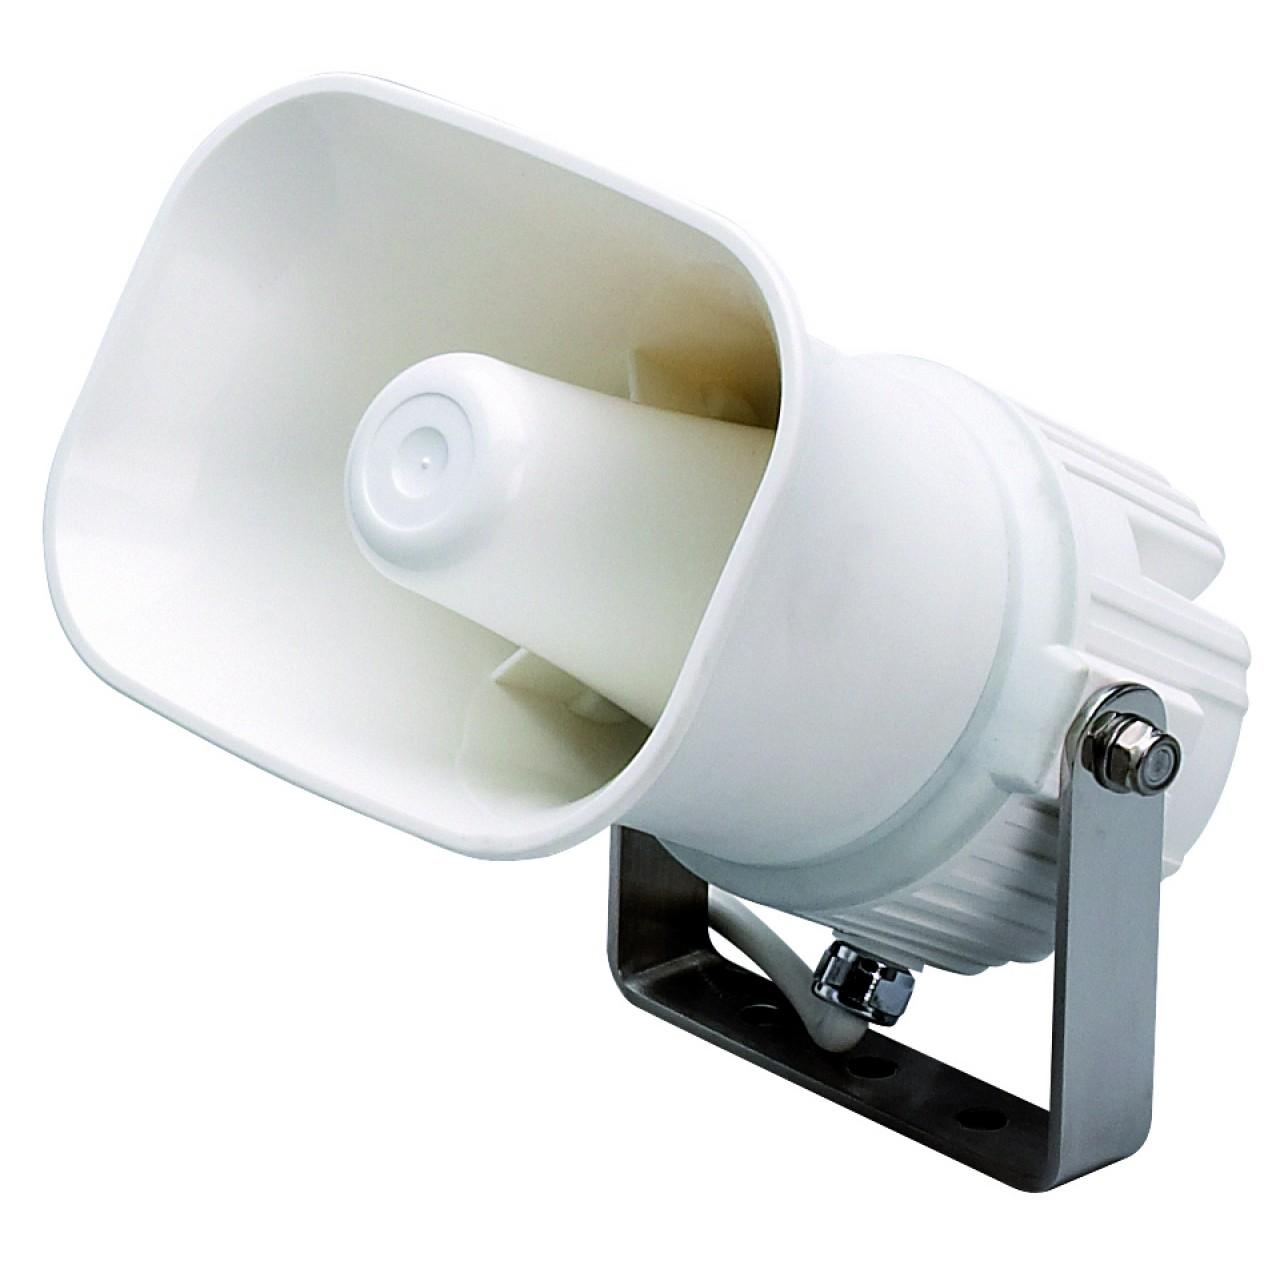 SP-MAR36 Speakers - ICOM